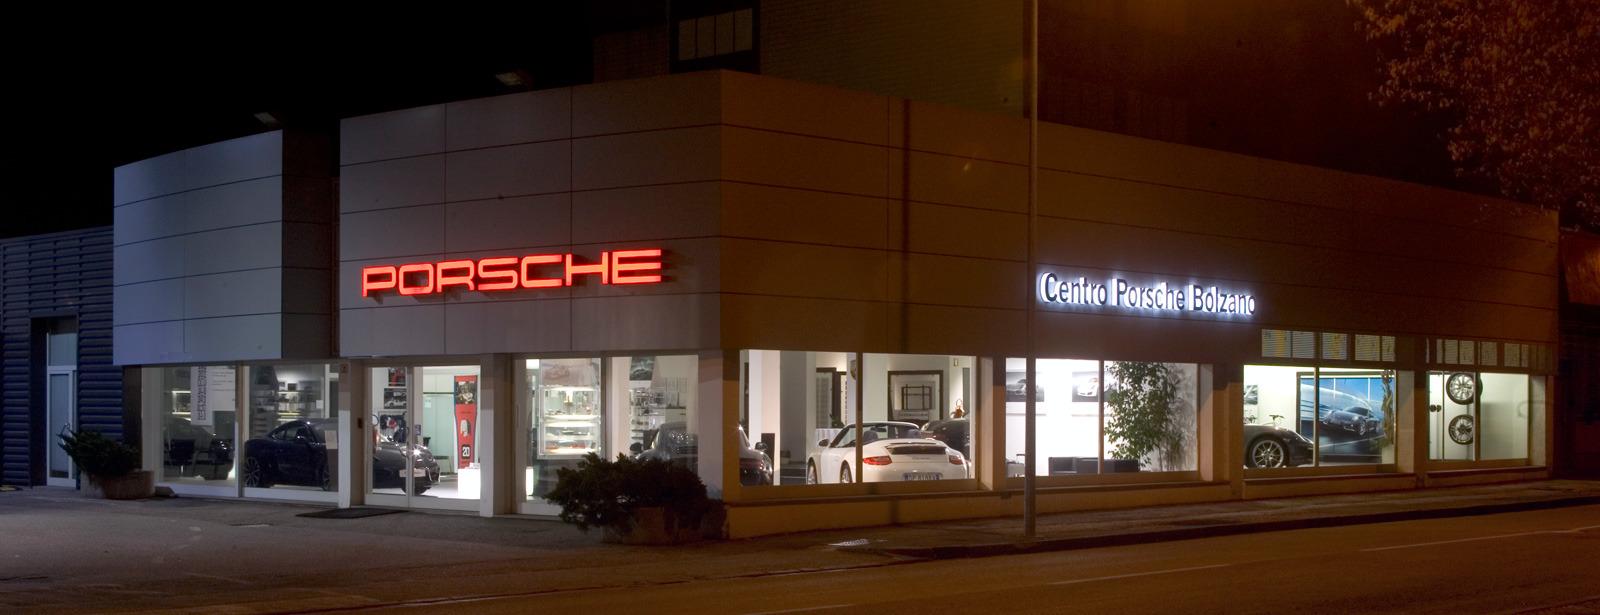 Porsche Zentrum Bozen